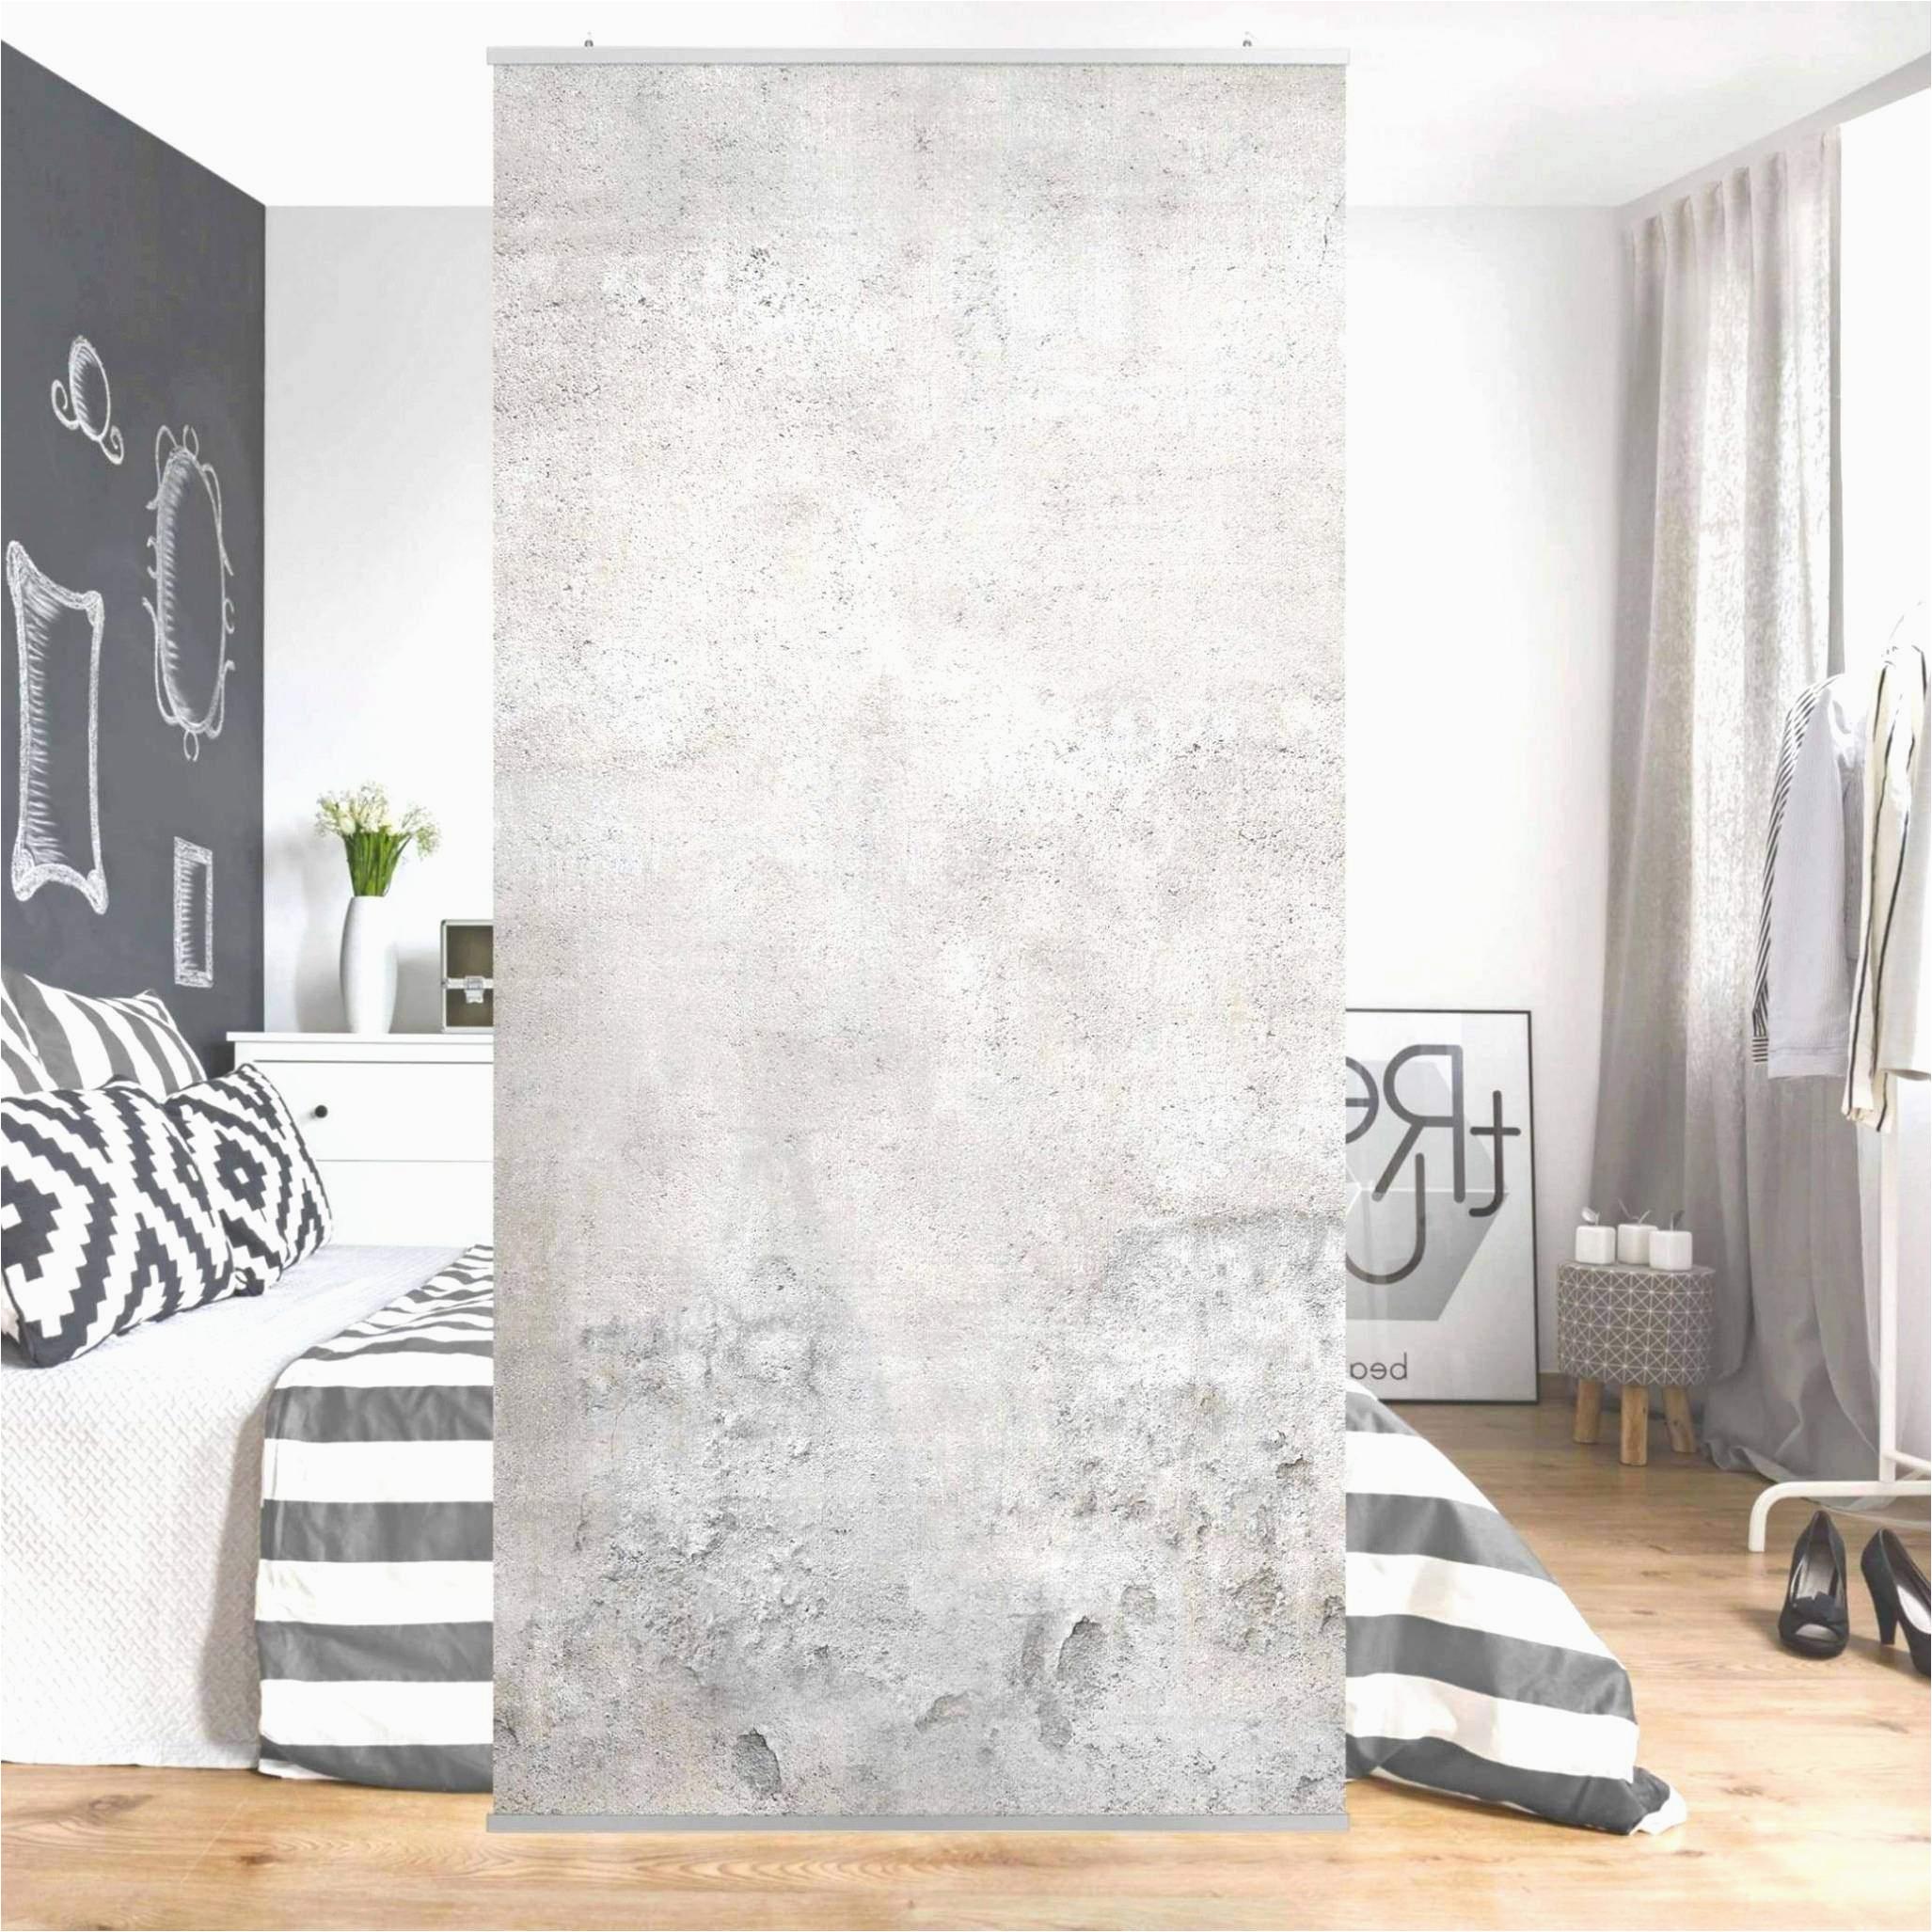 groses wohnzimmer einrichten frisch wohnzimmer einrichten graues sofa of groses wohnzimmer einrichten